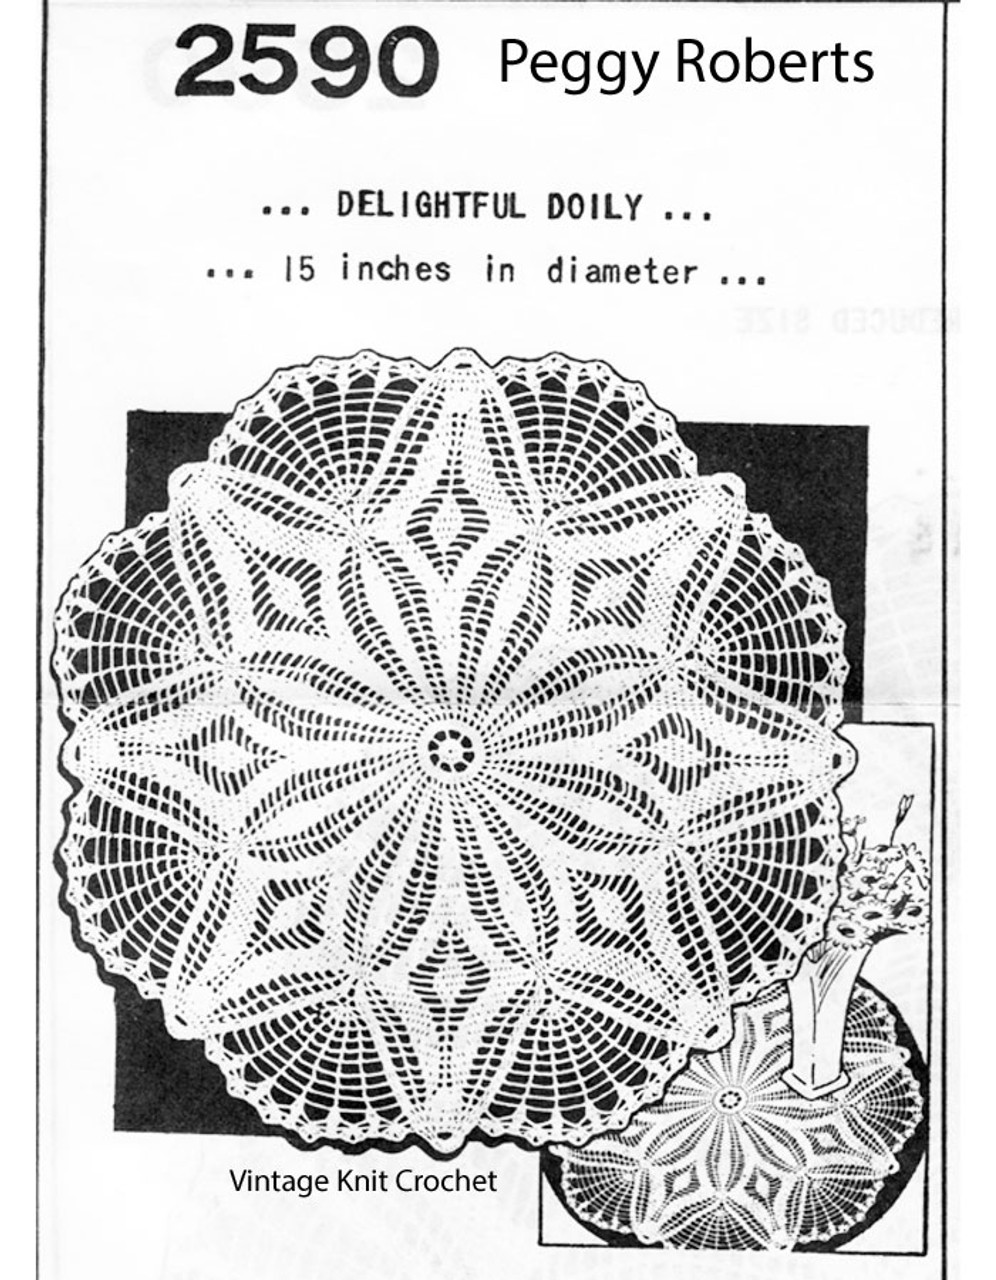 Crochet Flower Doily, Shell Border, Mail Order R-2590